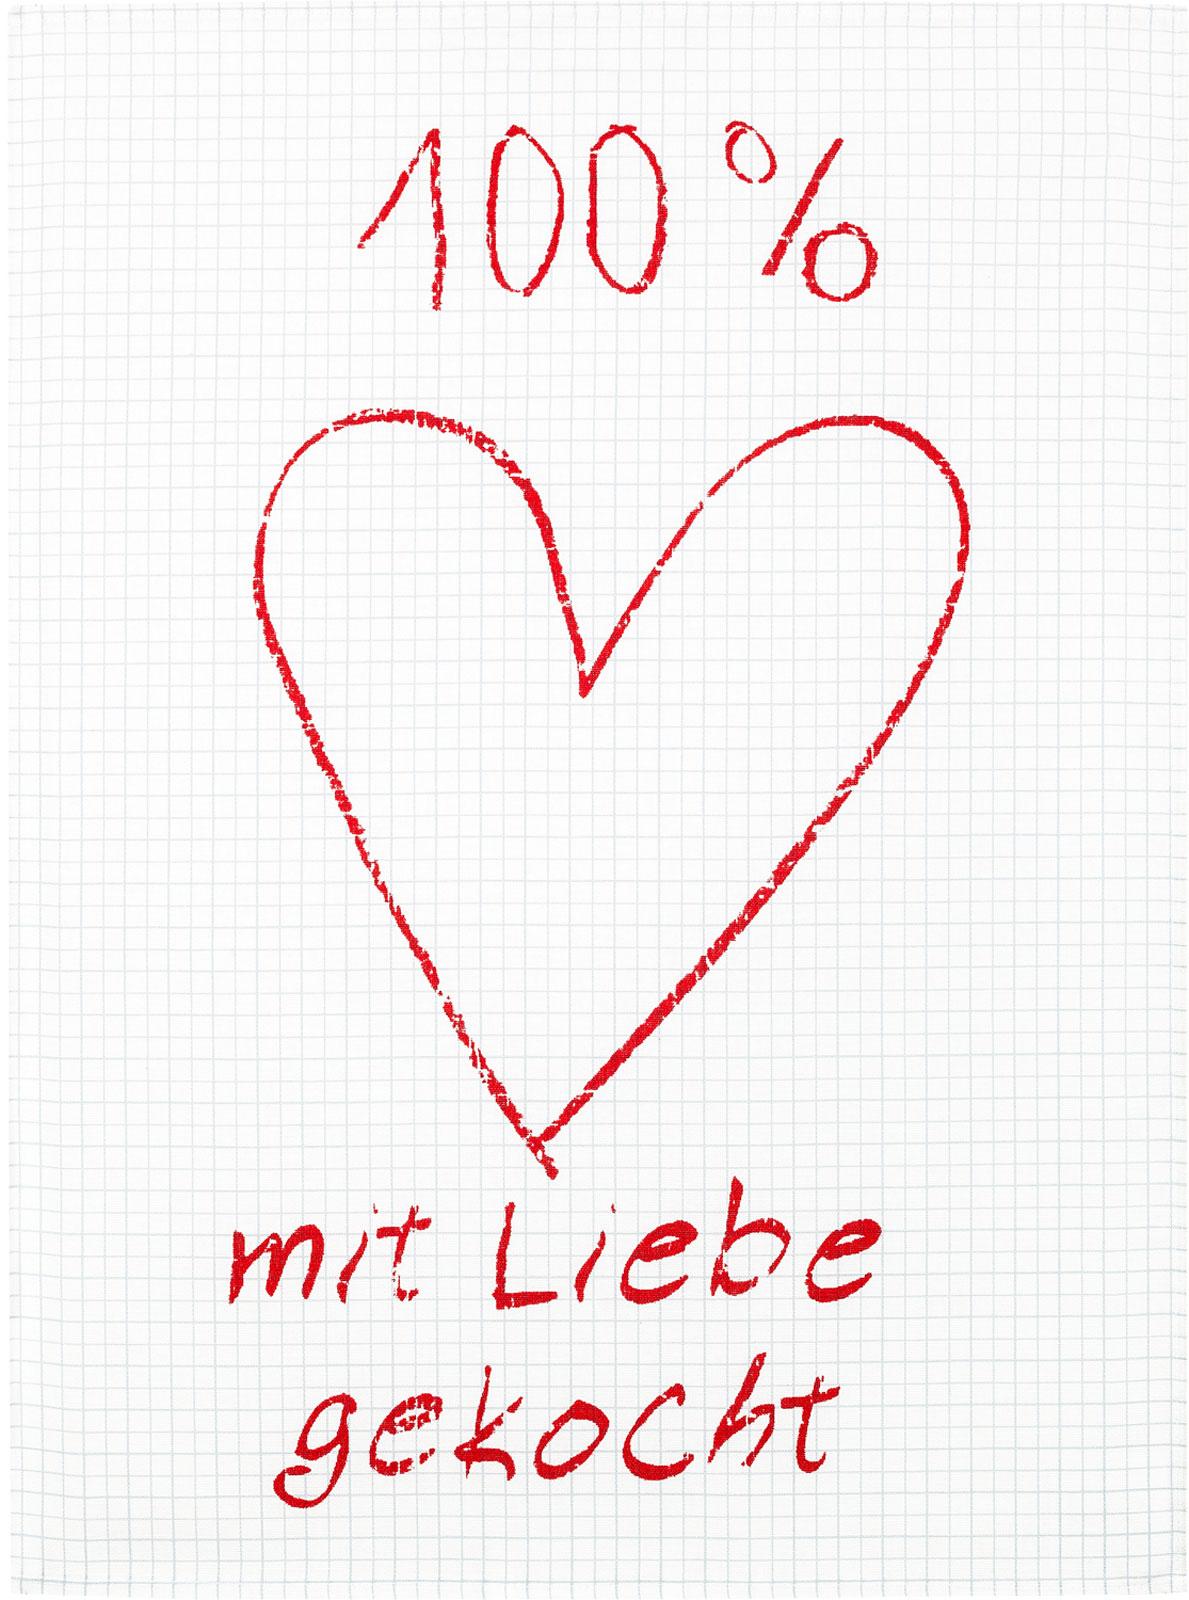 Küchentextilien - Kracht Halbleinen Geschirrtuch 50x70 Motiv 2 806 00 Mit Liebe gekocht  - Onlineshop PremiumShop321